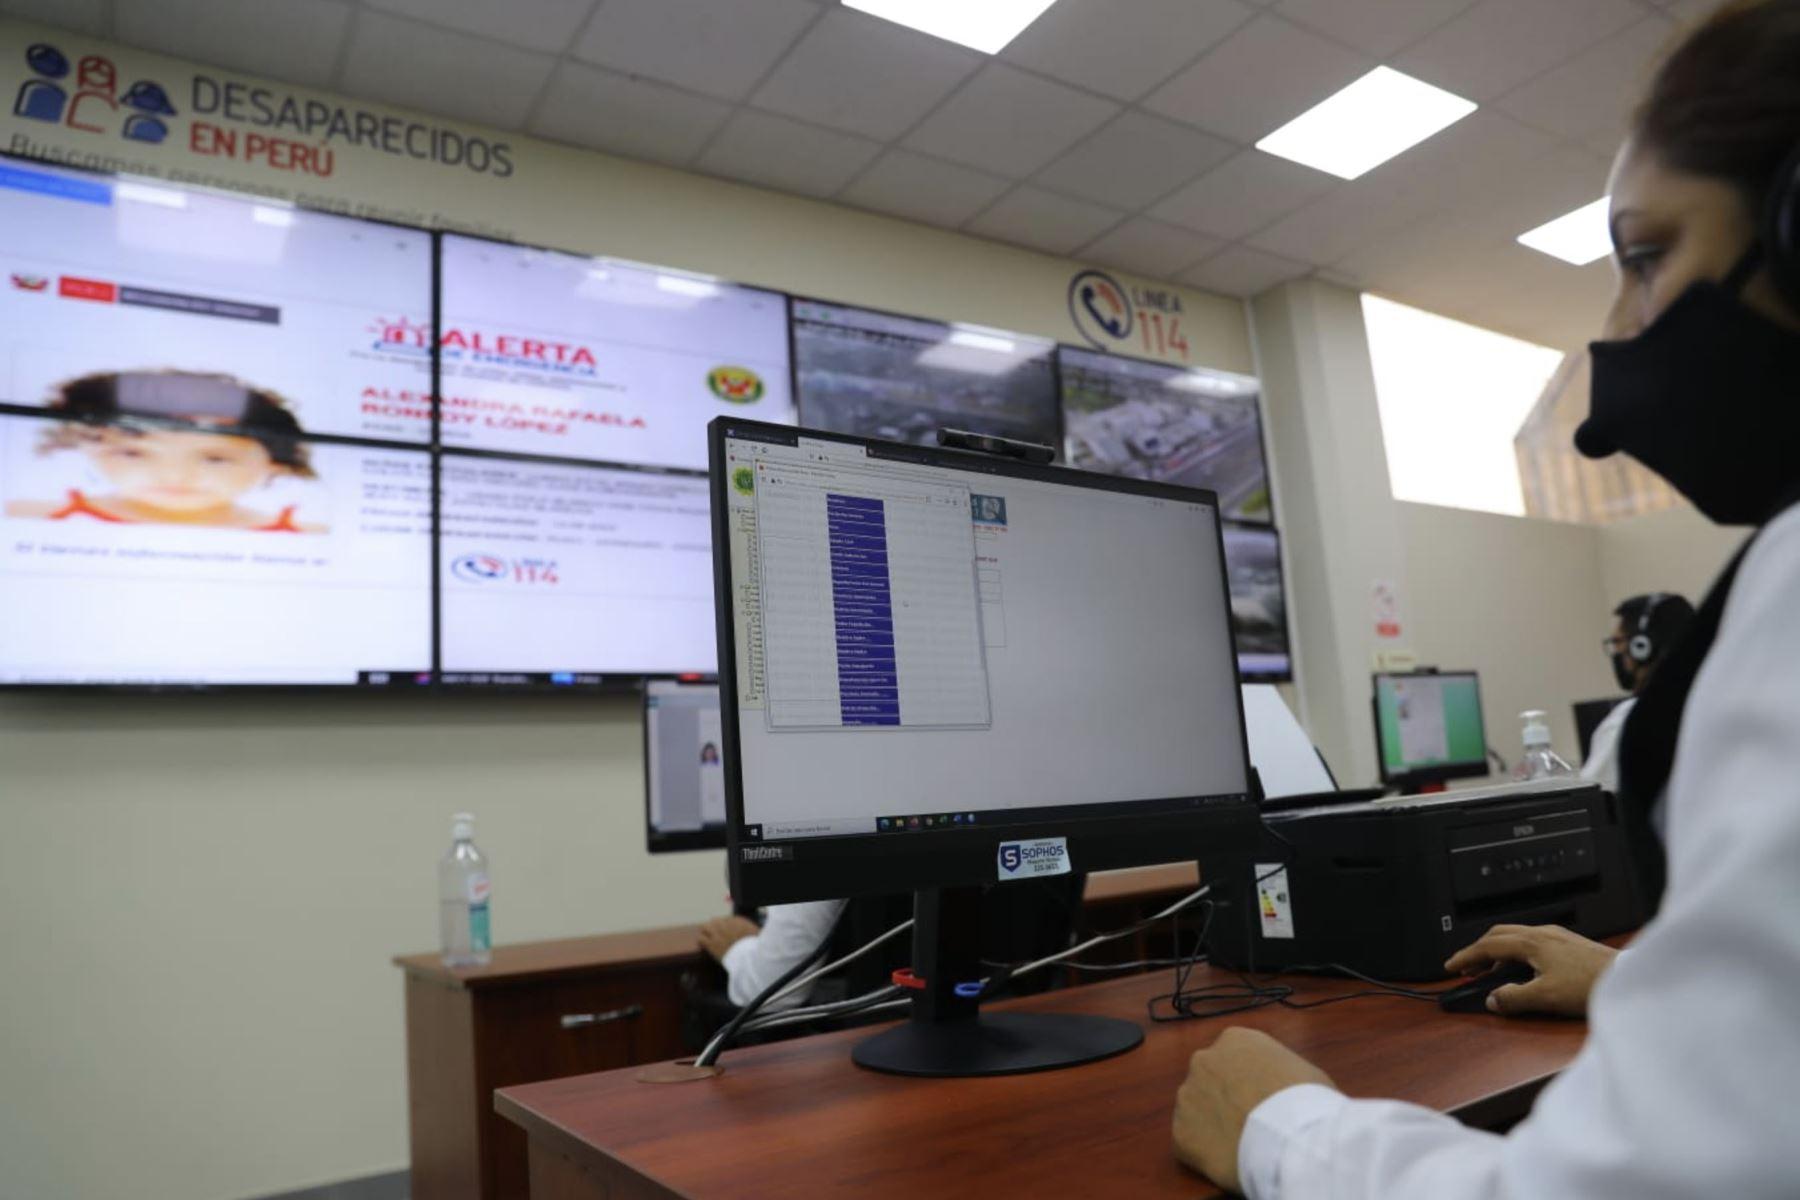 Presidente Vizcarra pone en marcha el sistema de búsqueda de personas desaparecidas